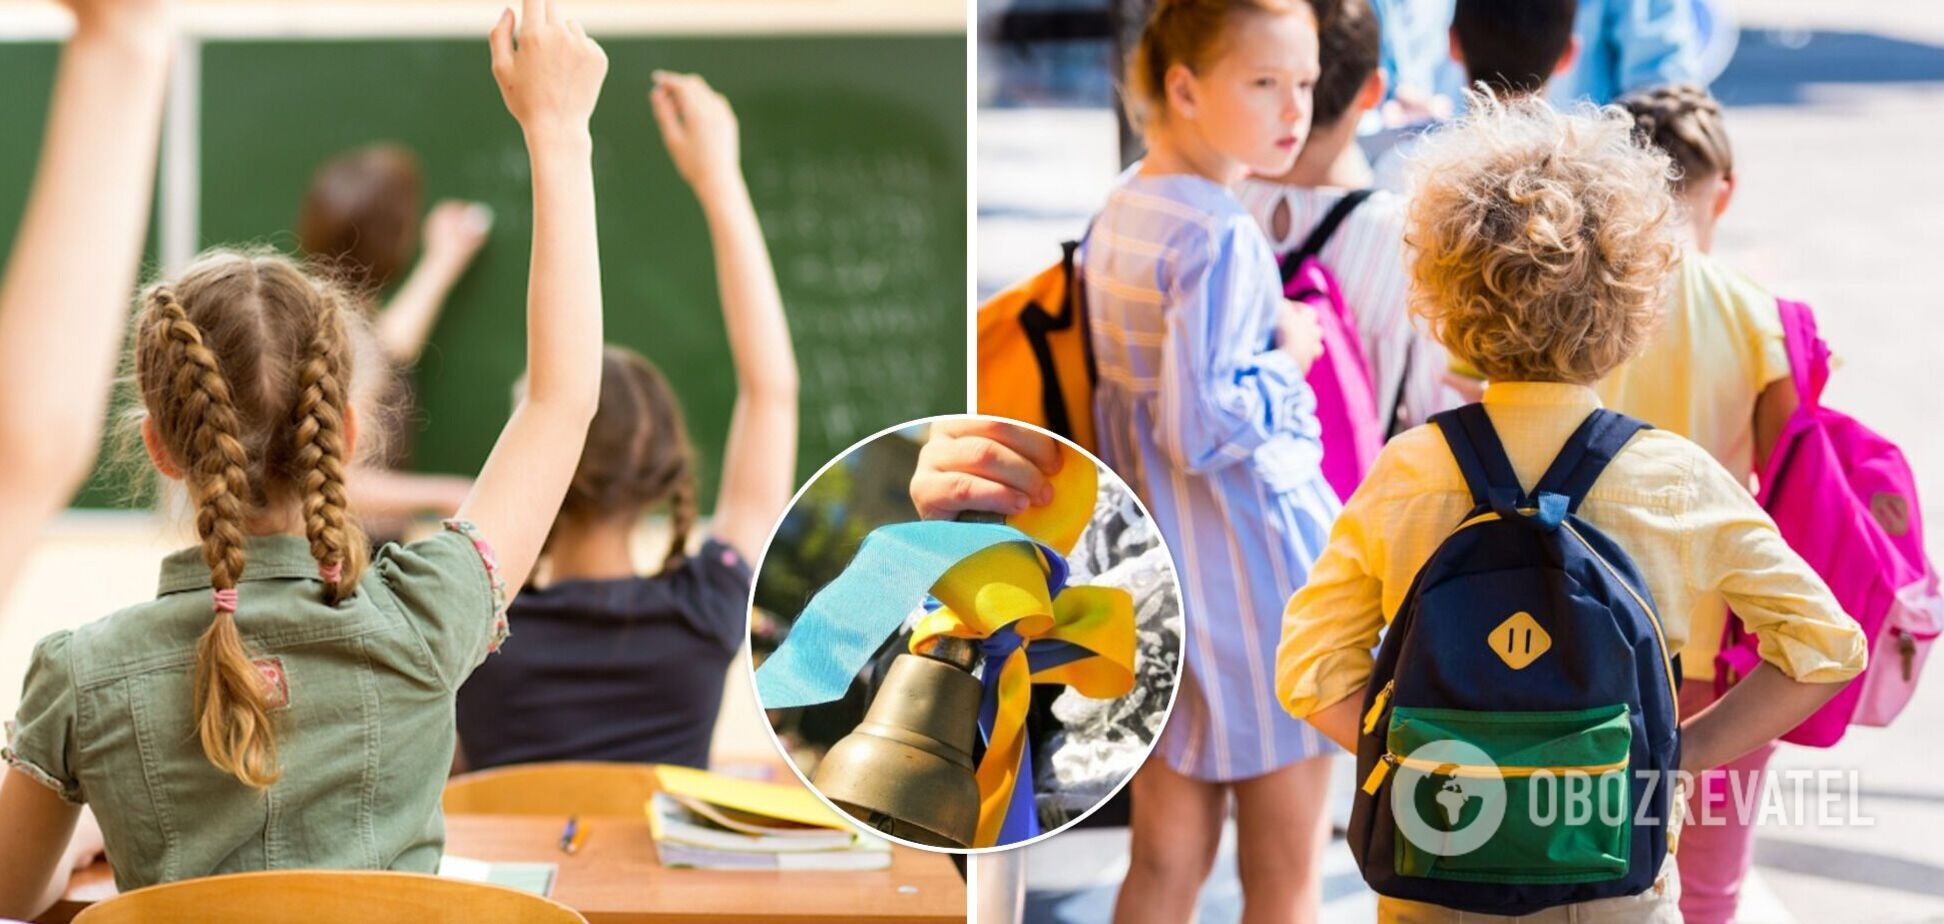 Чтобы собрать ребенка в школу, нужно минимум 4,5 тыс. грн